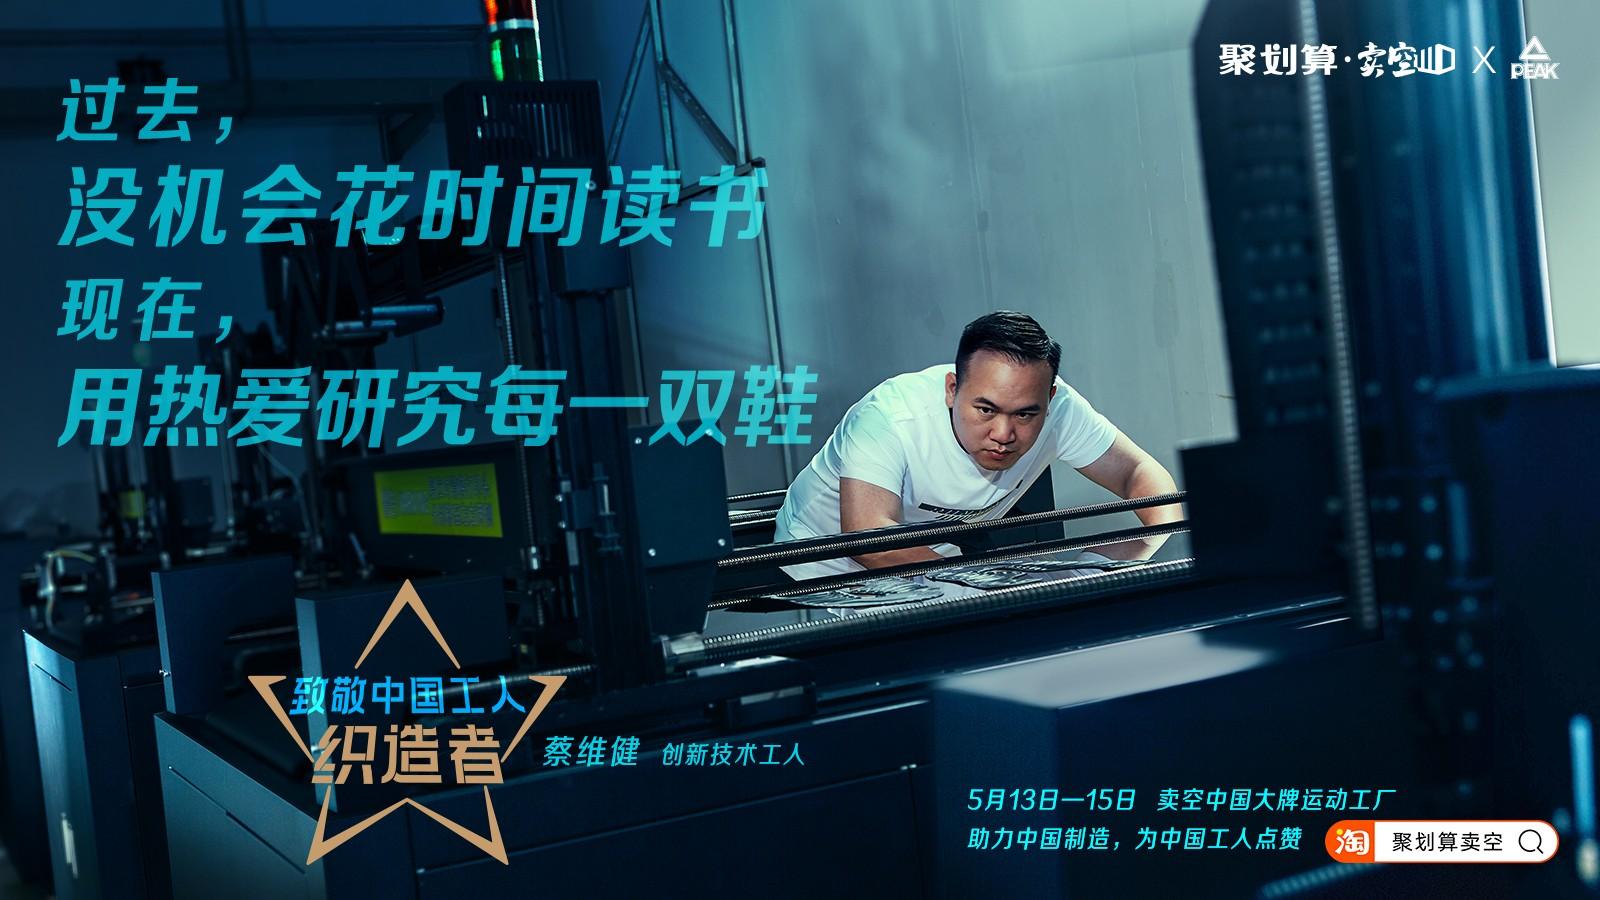 聚划算卖空_致敬中国工人_200506-3.jpg